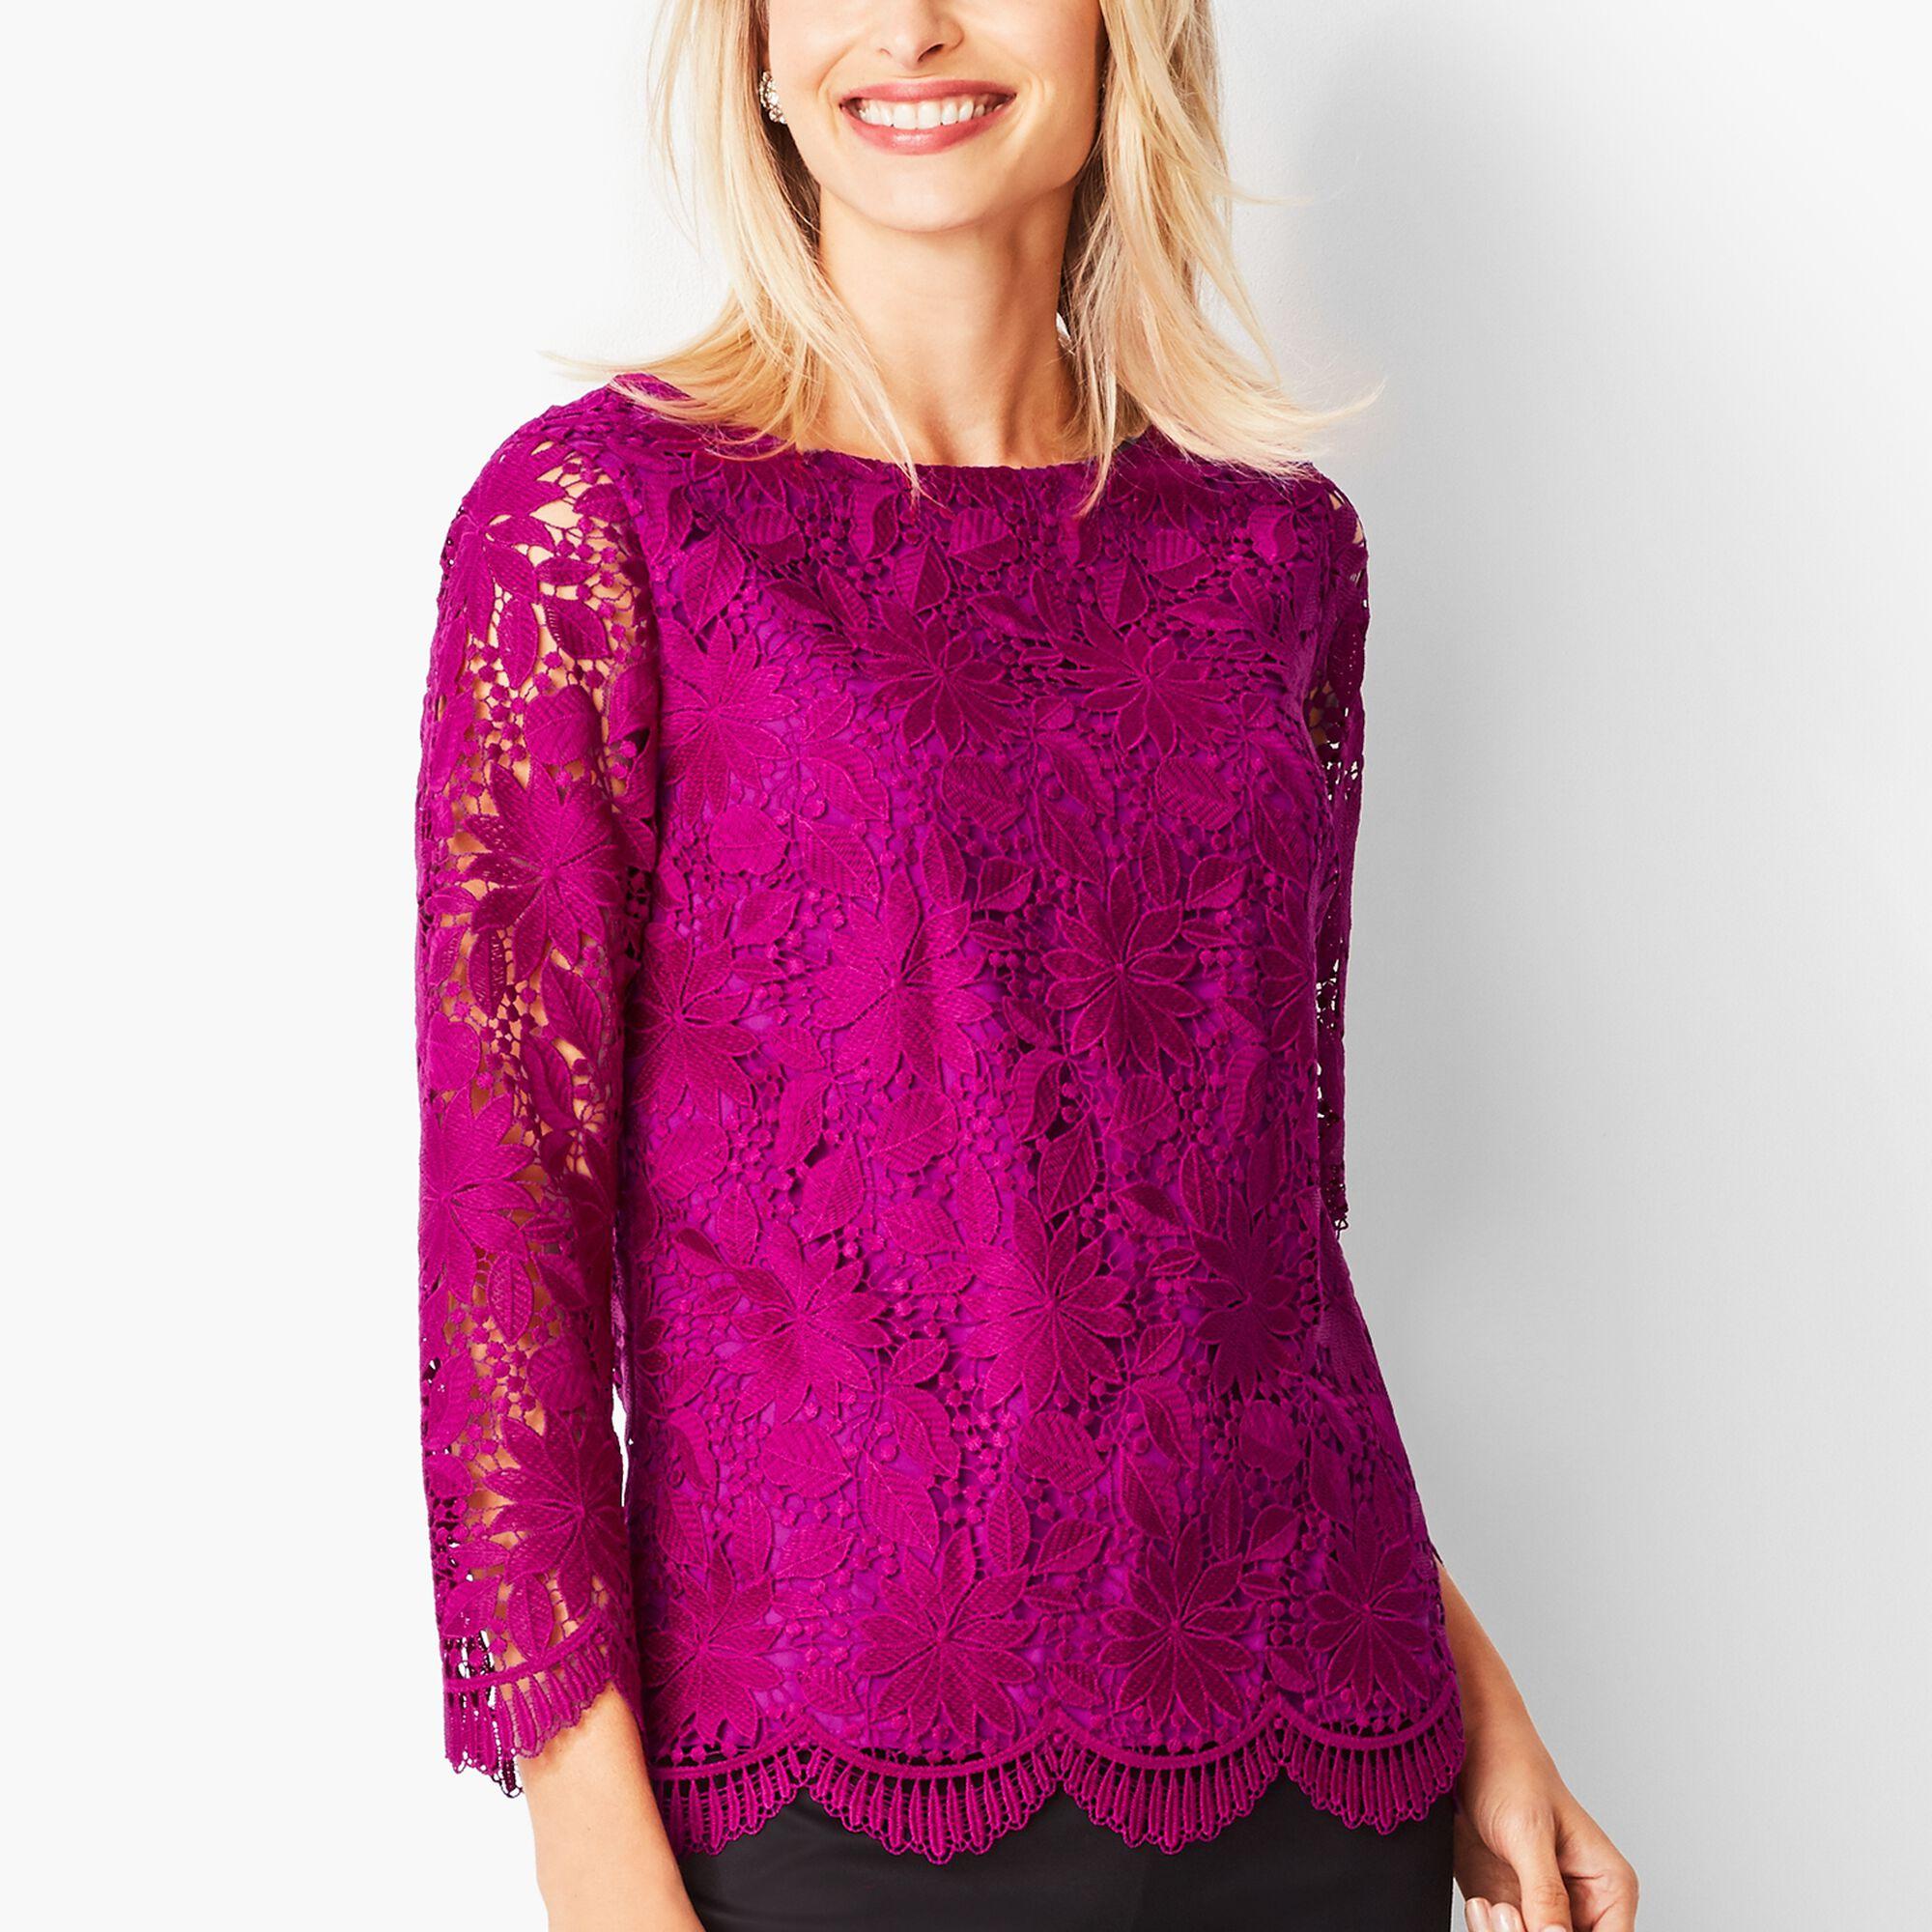 0a865e11d25 Floral Lace Top